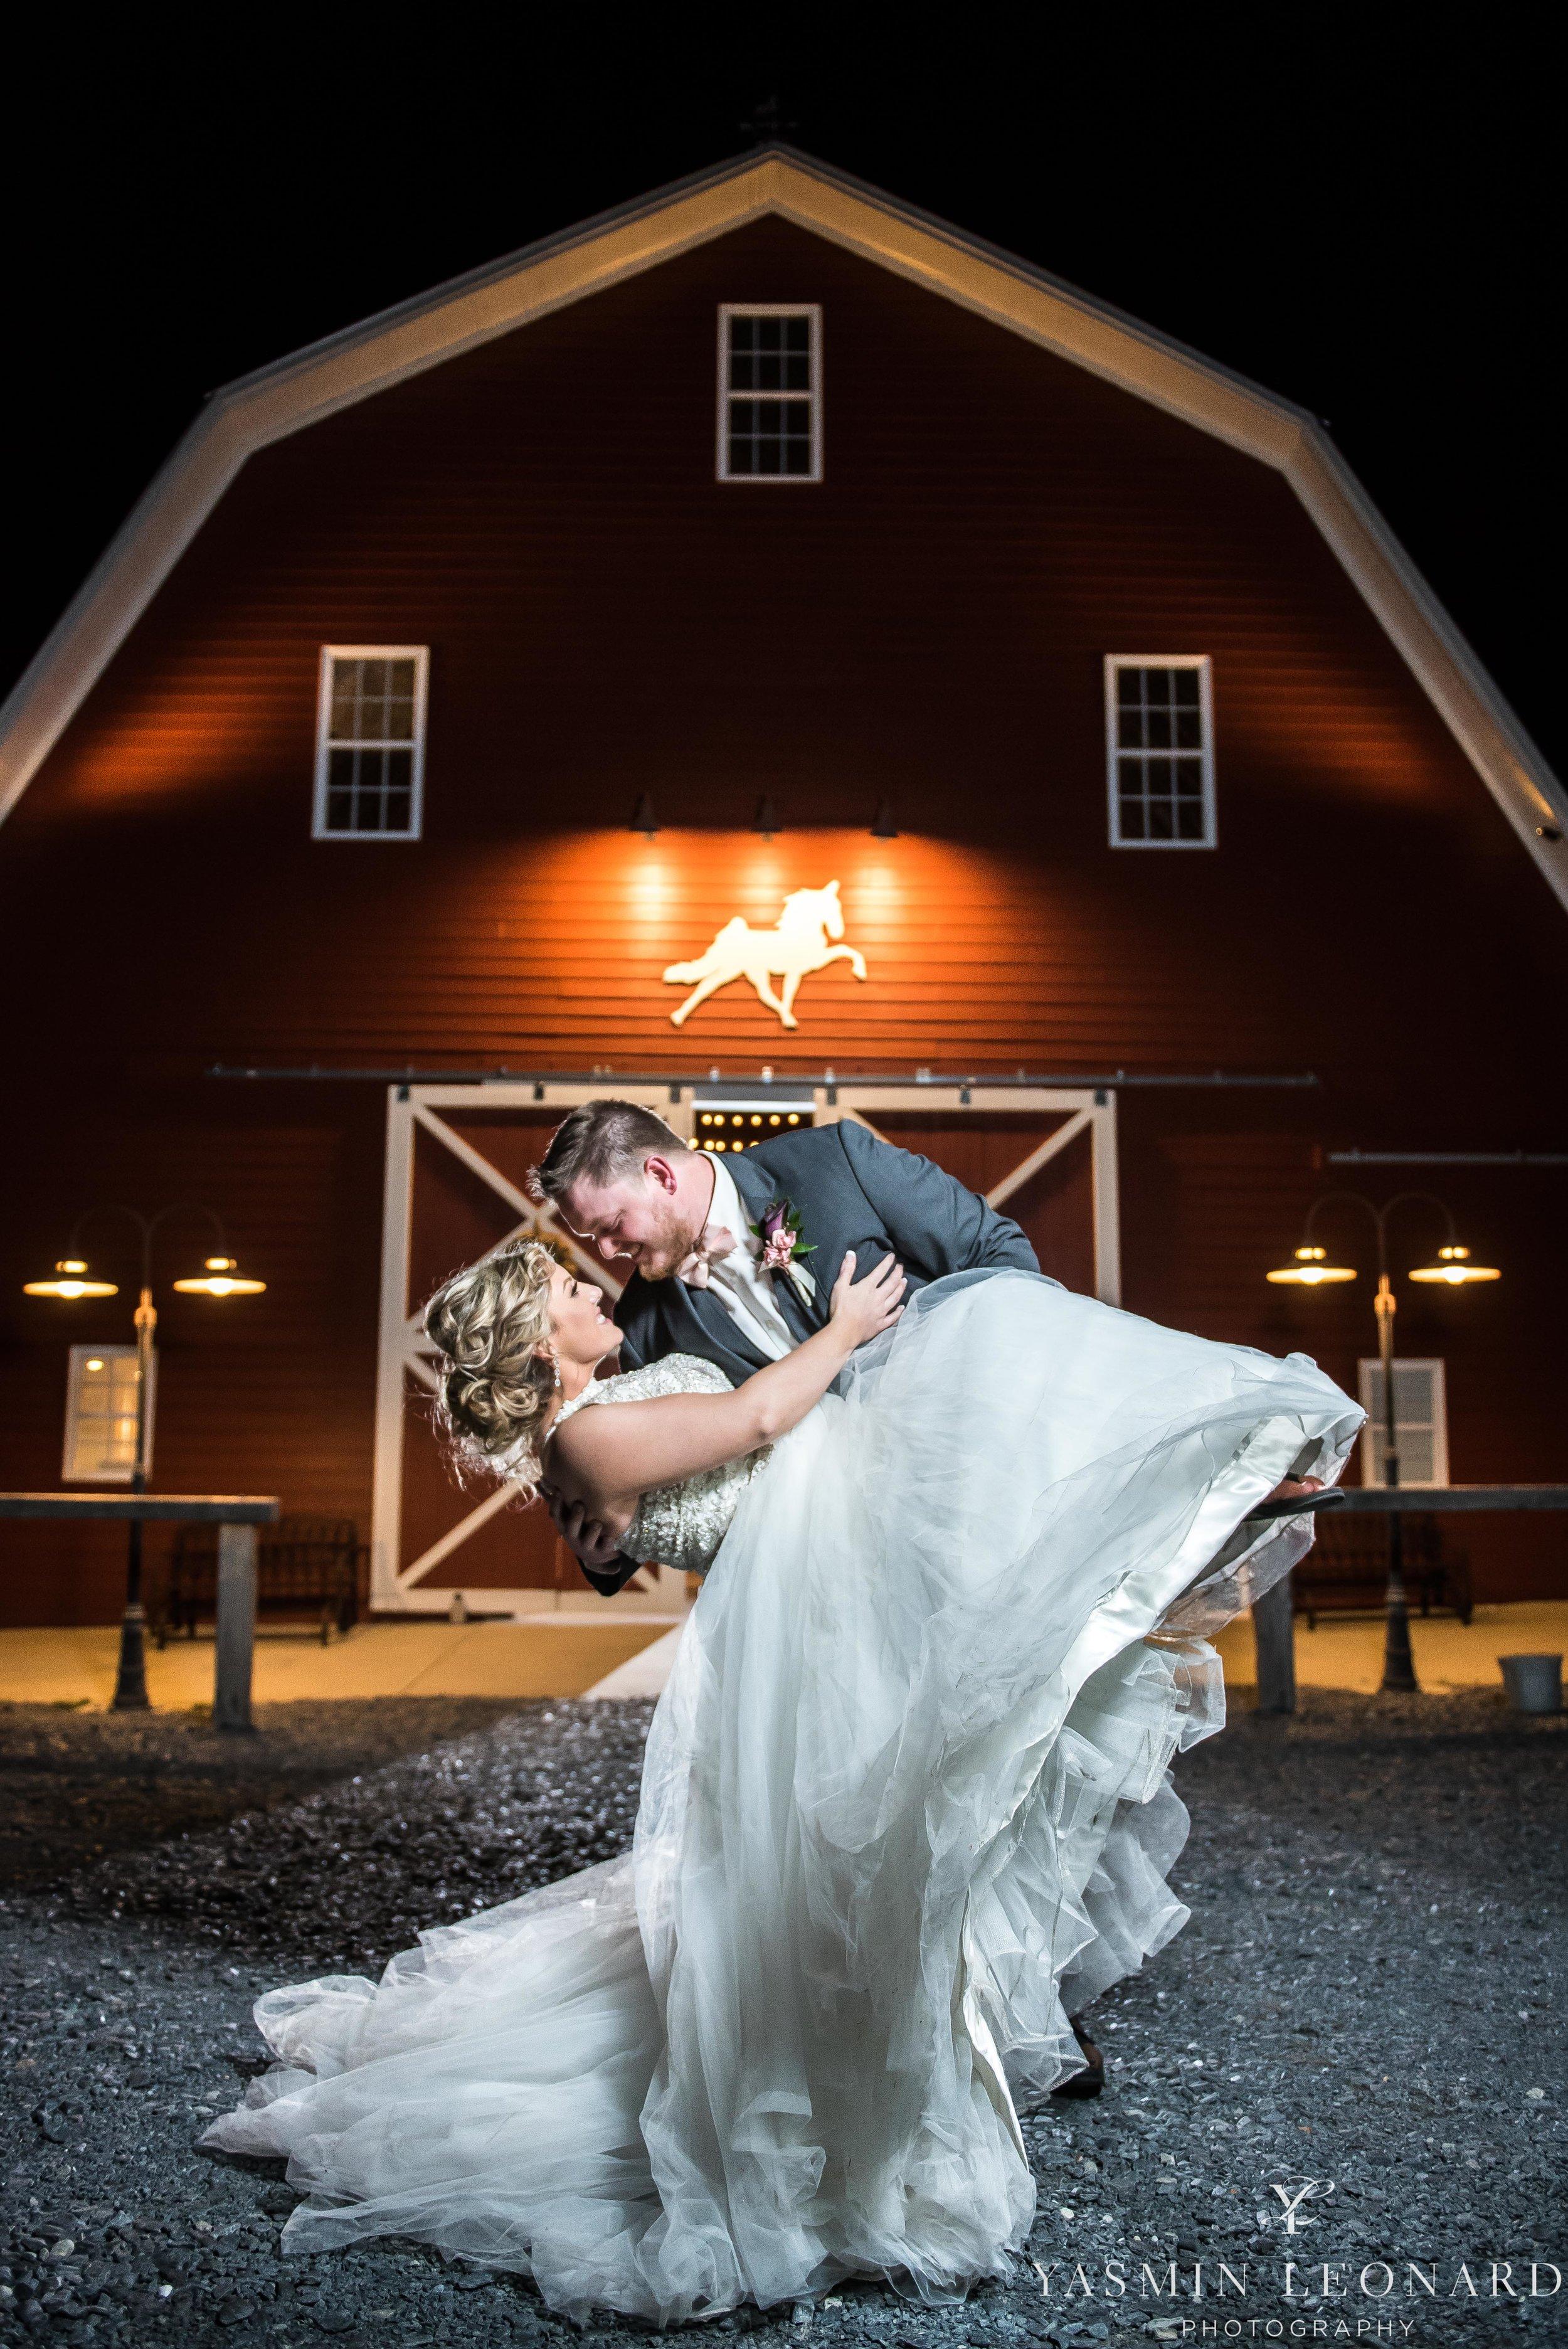 Millikan Farms - Millikan Farms Wedding - Sophia NC Wedding - NC Wedding - NC Wedding Photographer - Yasmin Leonard Photography - High Point Photographer - Barn Wedding - Wedding Venues in NC - Triad Wedding Photographer-94.jpg